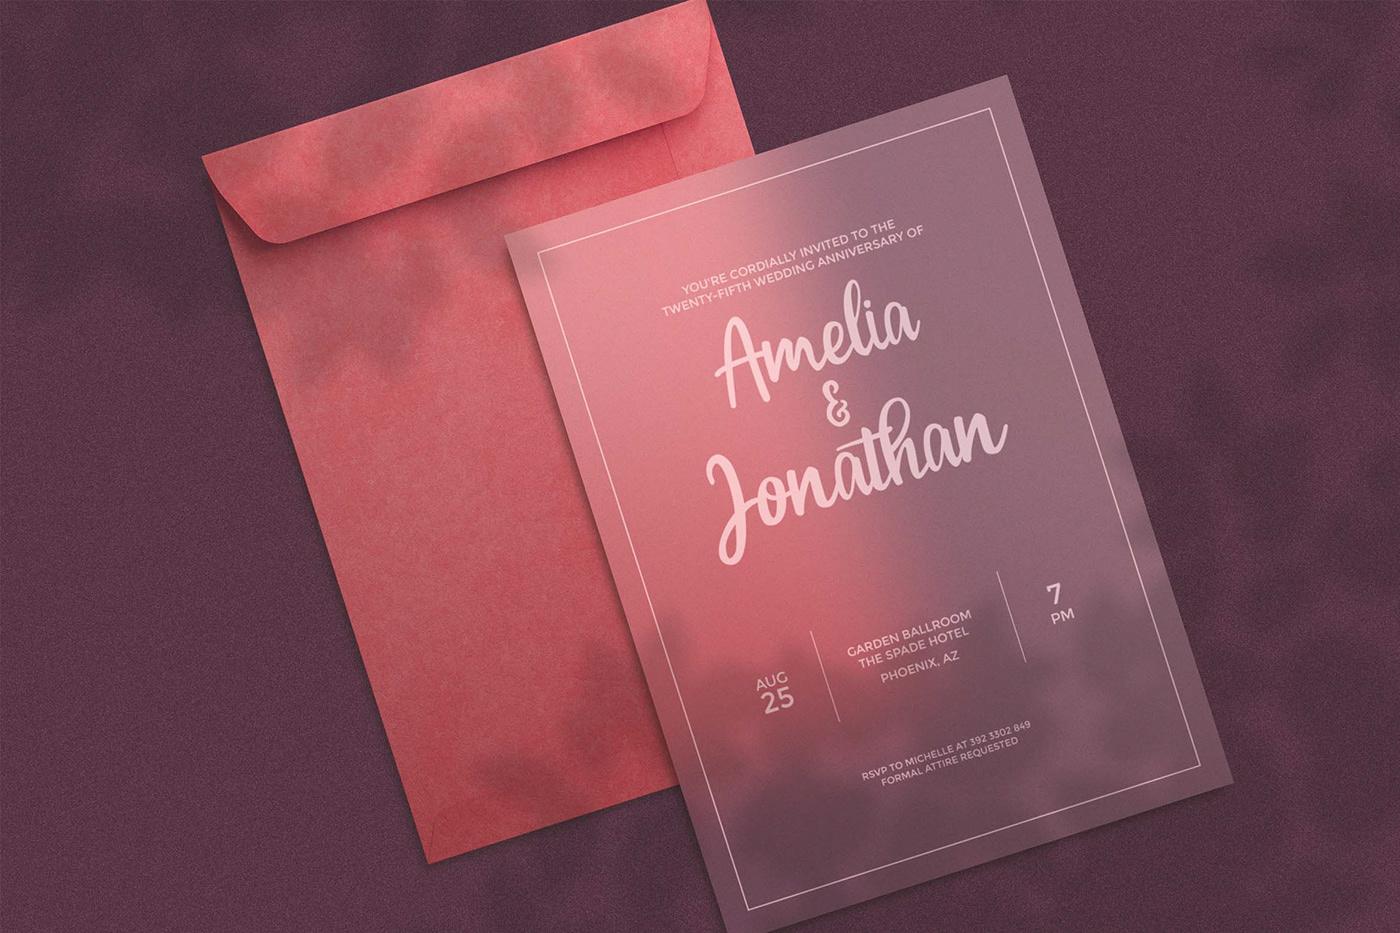 Image may contain: menu, handwriting and book